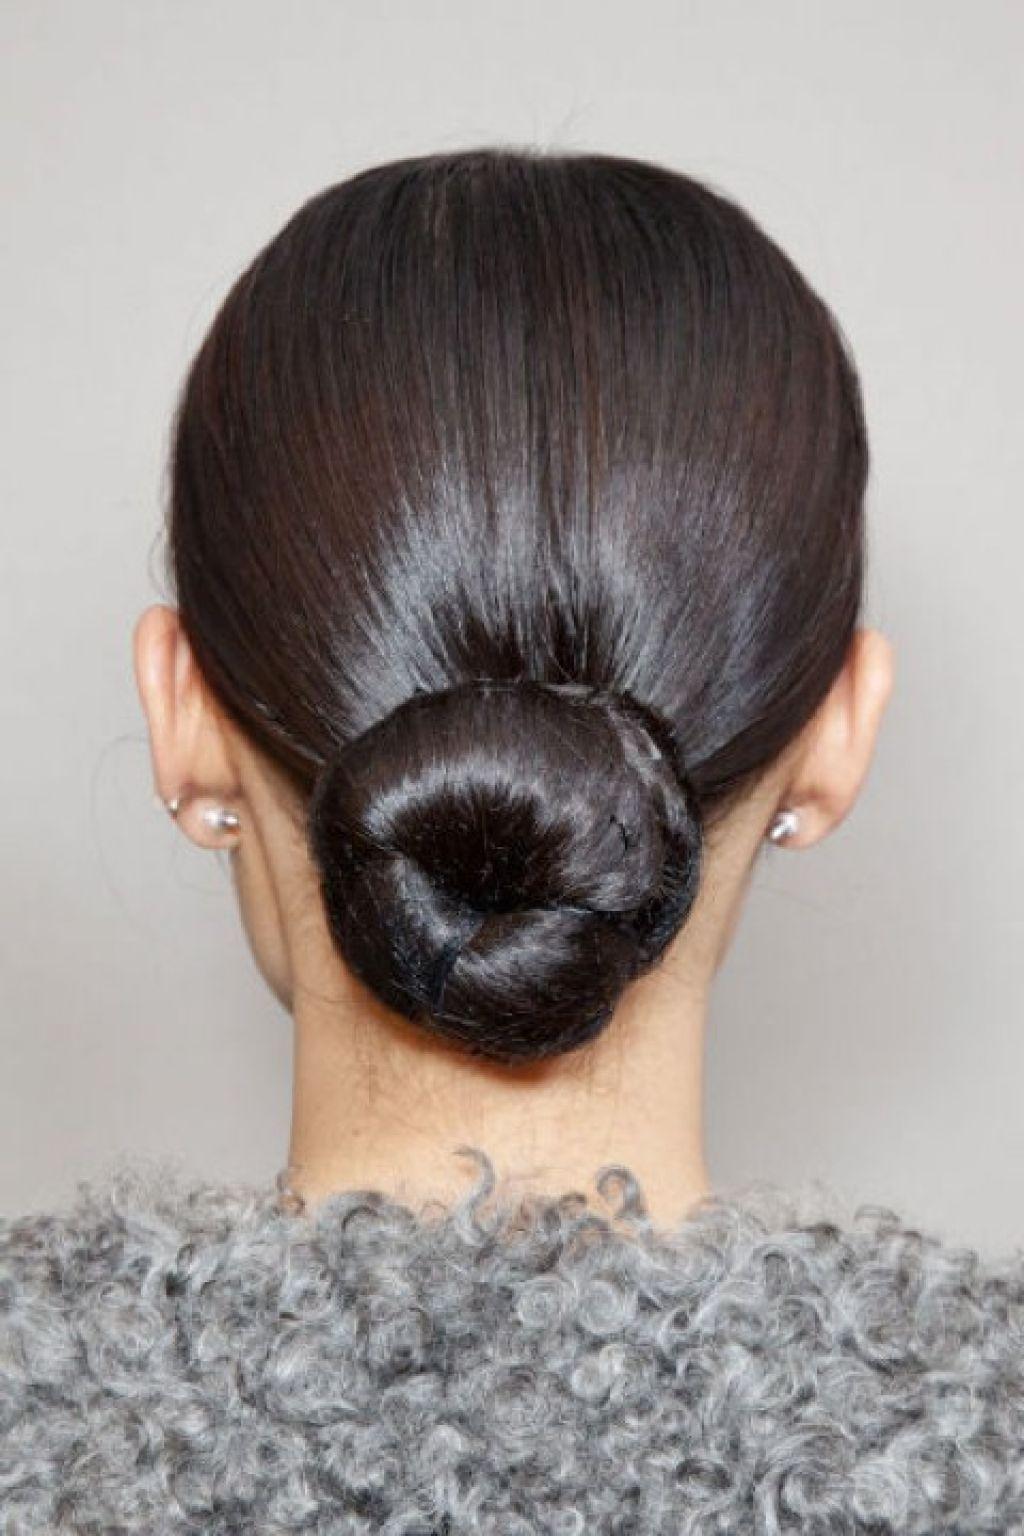 how to make ballerina bun with short hair